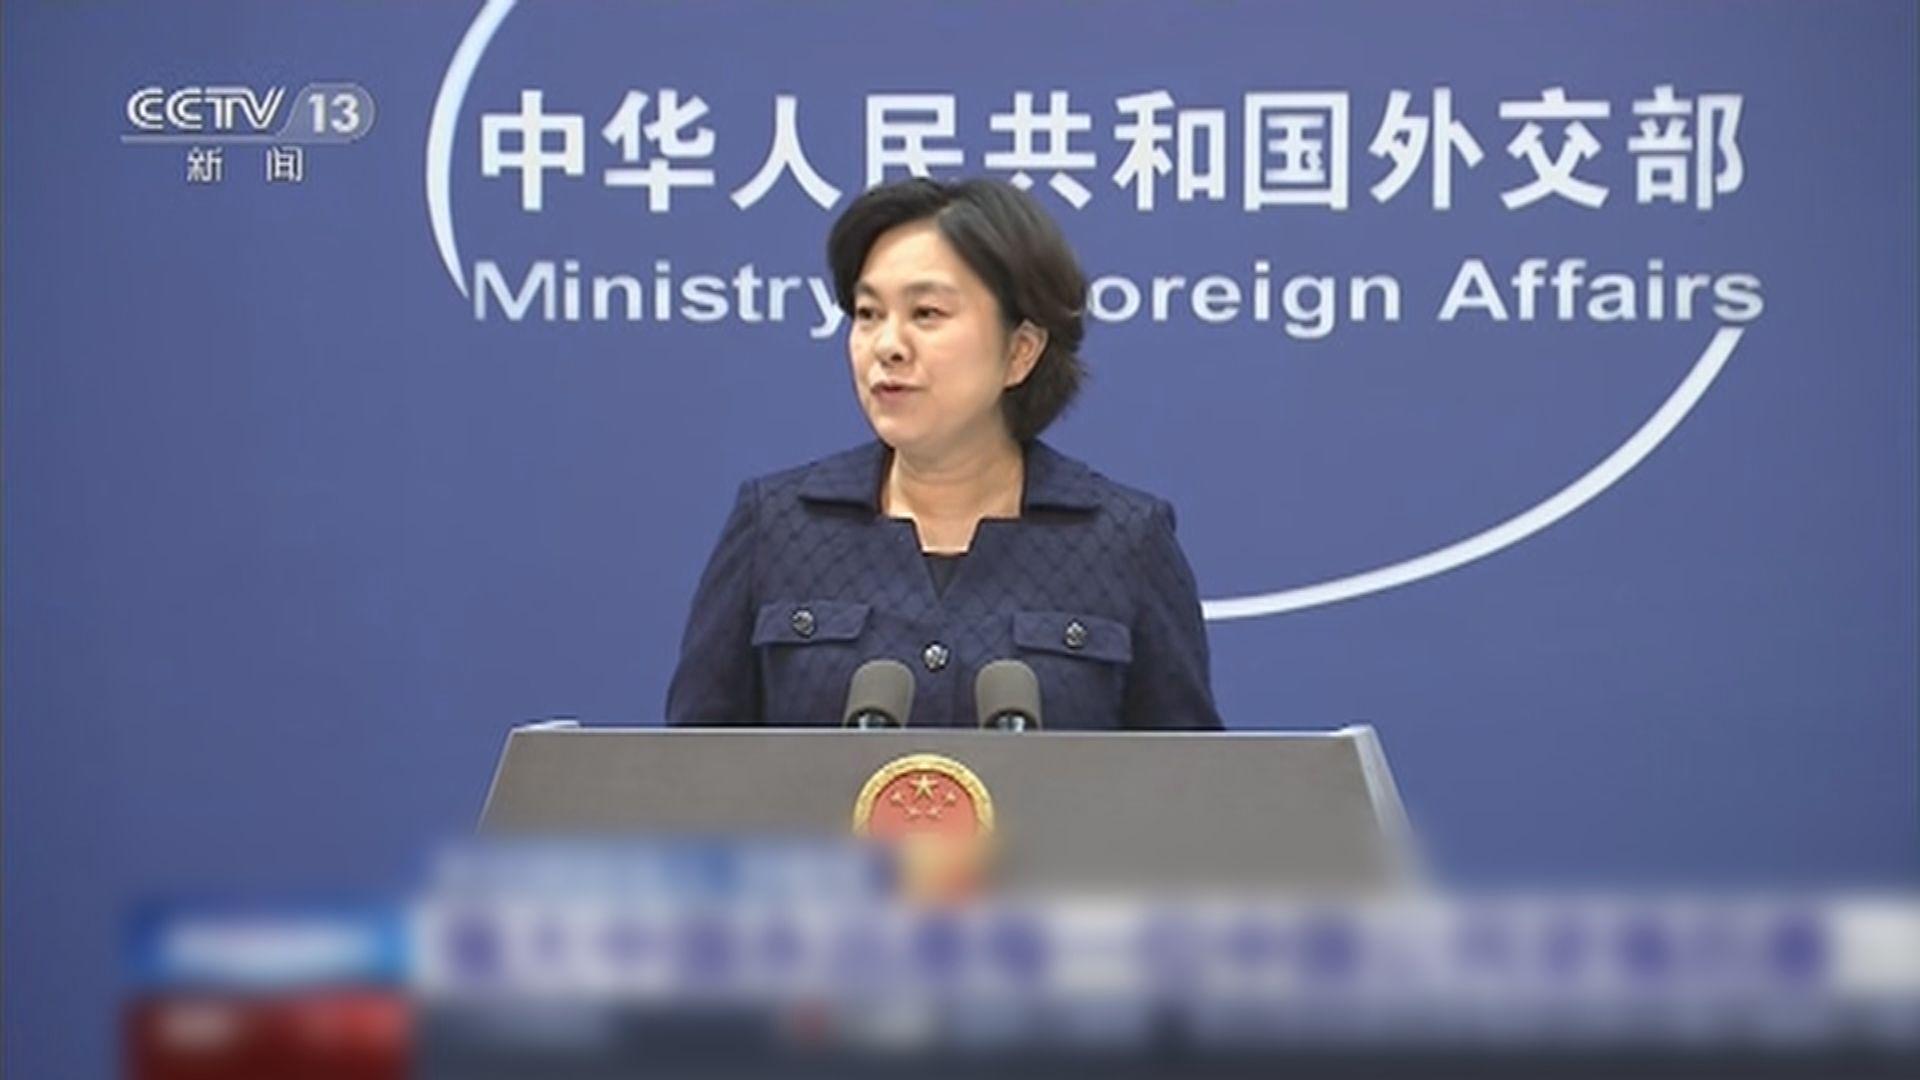 外交部:習近平主席親自關心孟晚舟事件